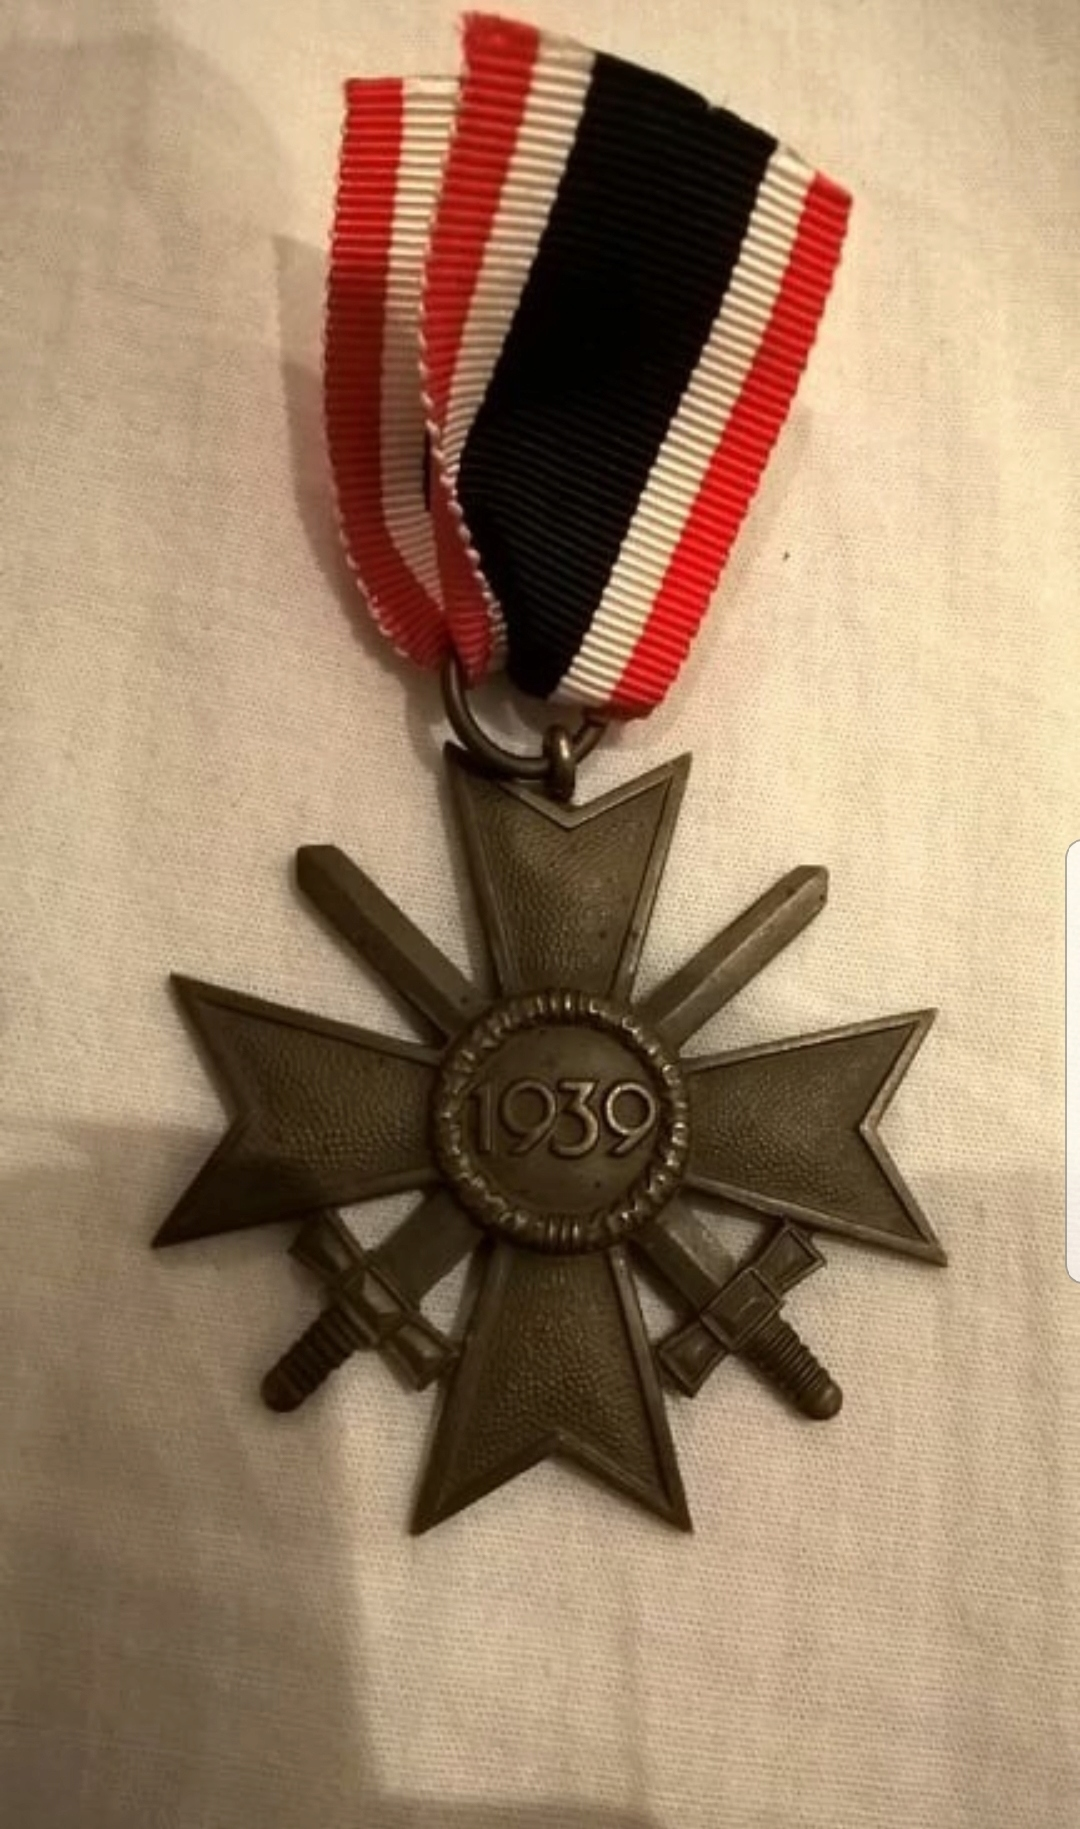 Authentification croix du mérite ww2 20190816